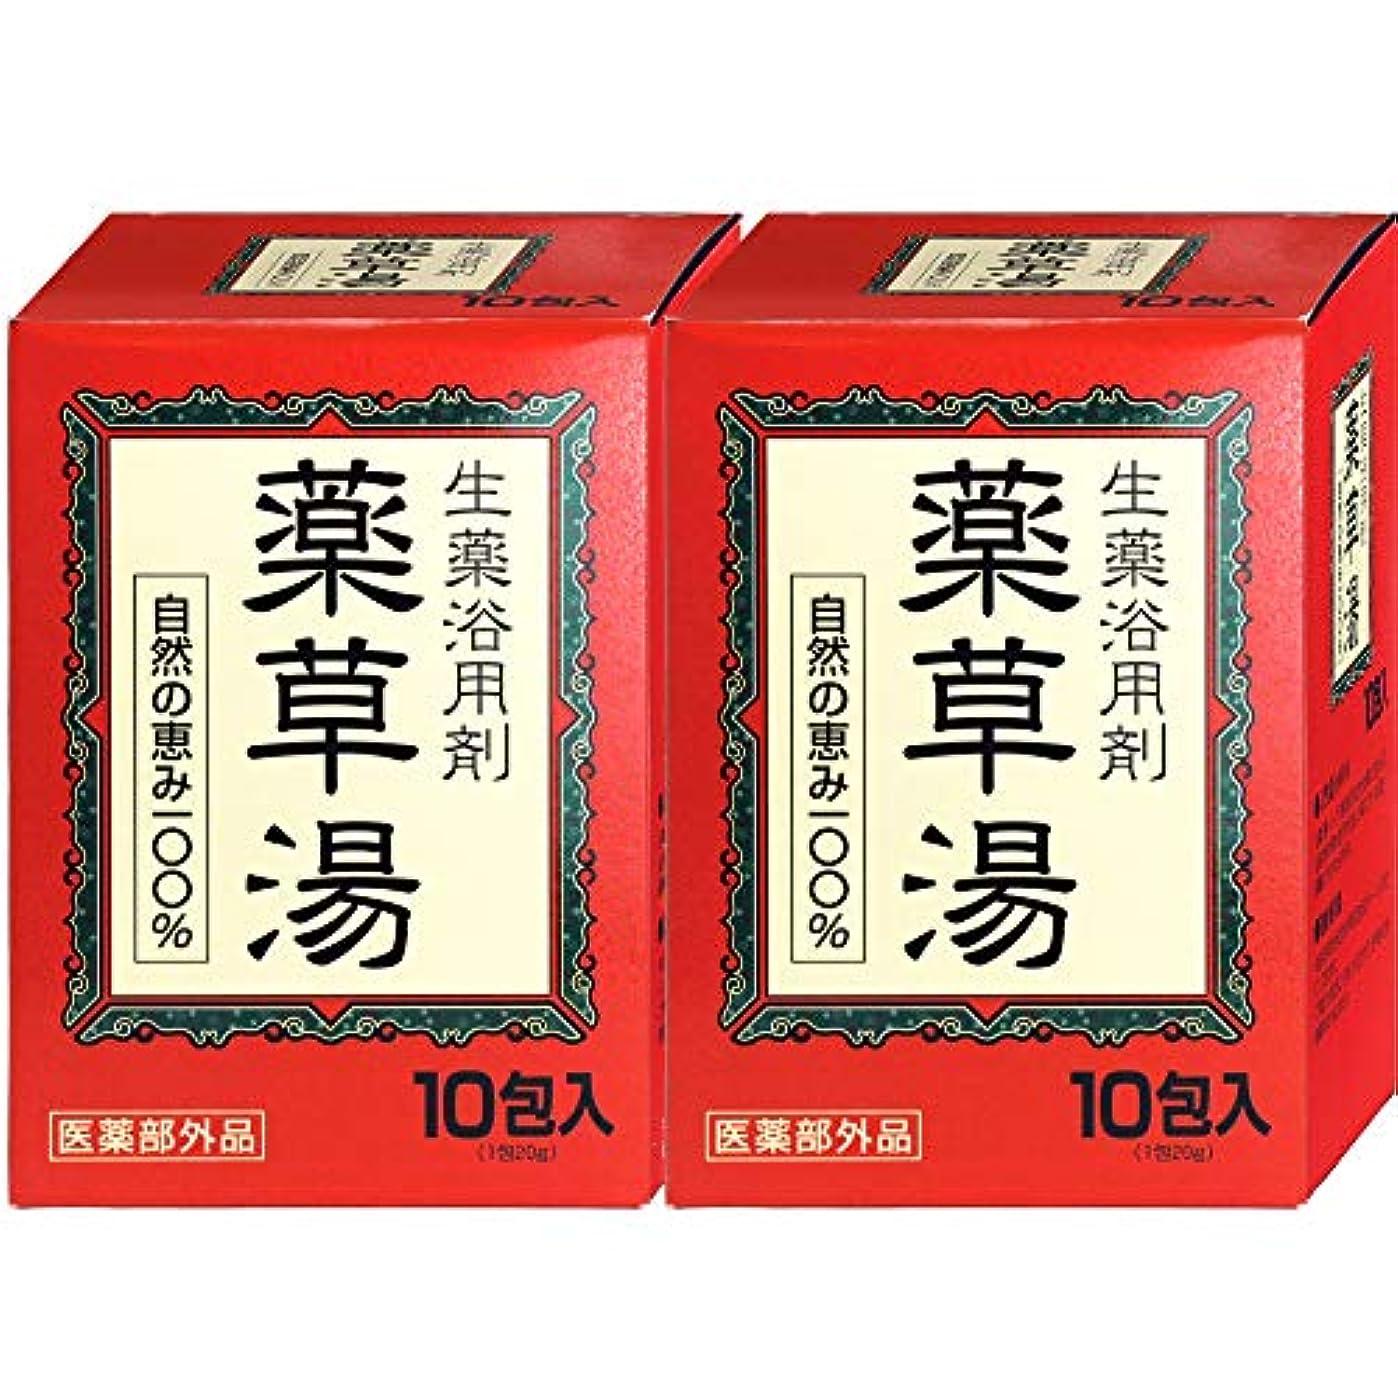 作家伝統腐敗した薬草湯 生薬浴用剤 10包入 【2個セット】自然の恵み100% 医薬部外品